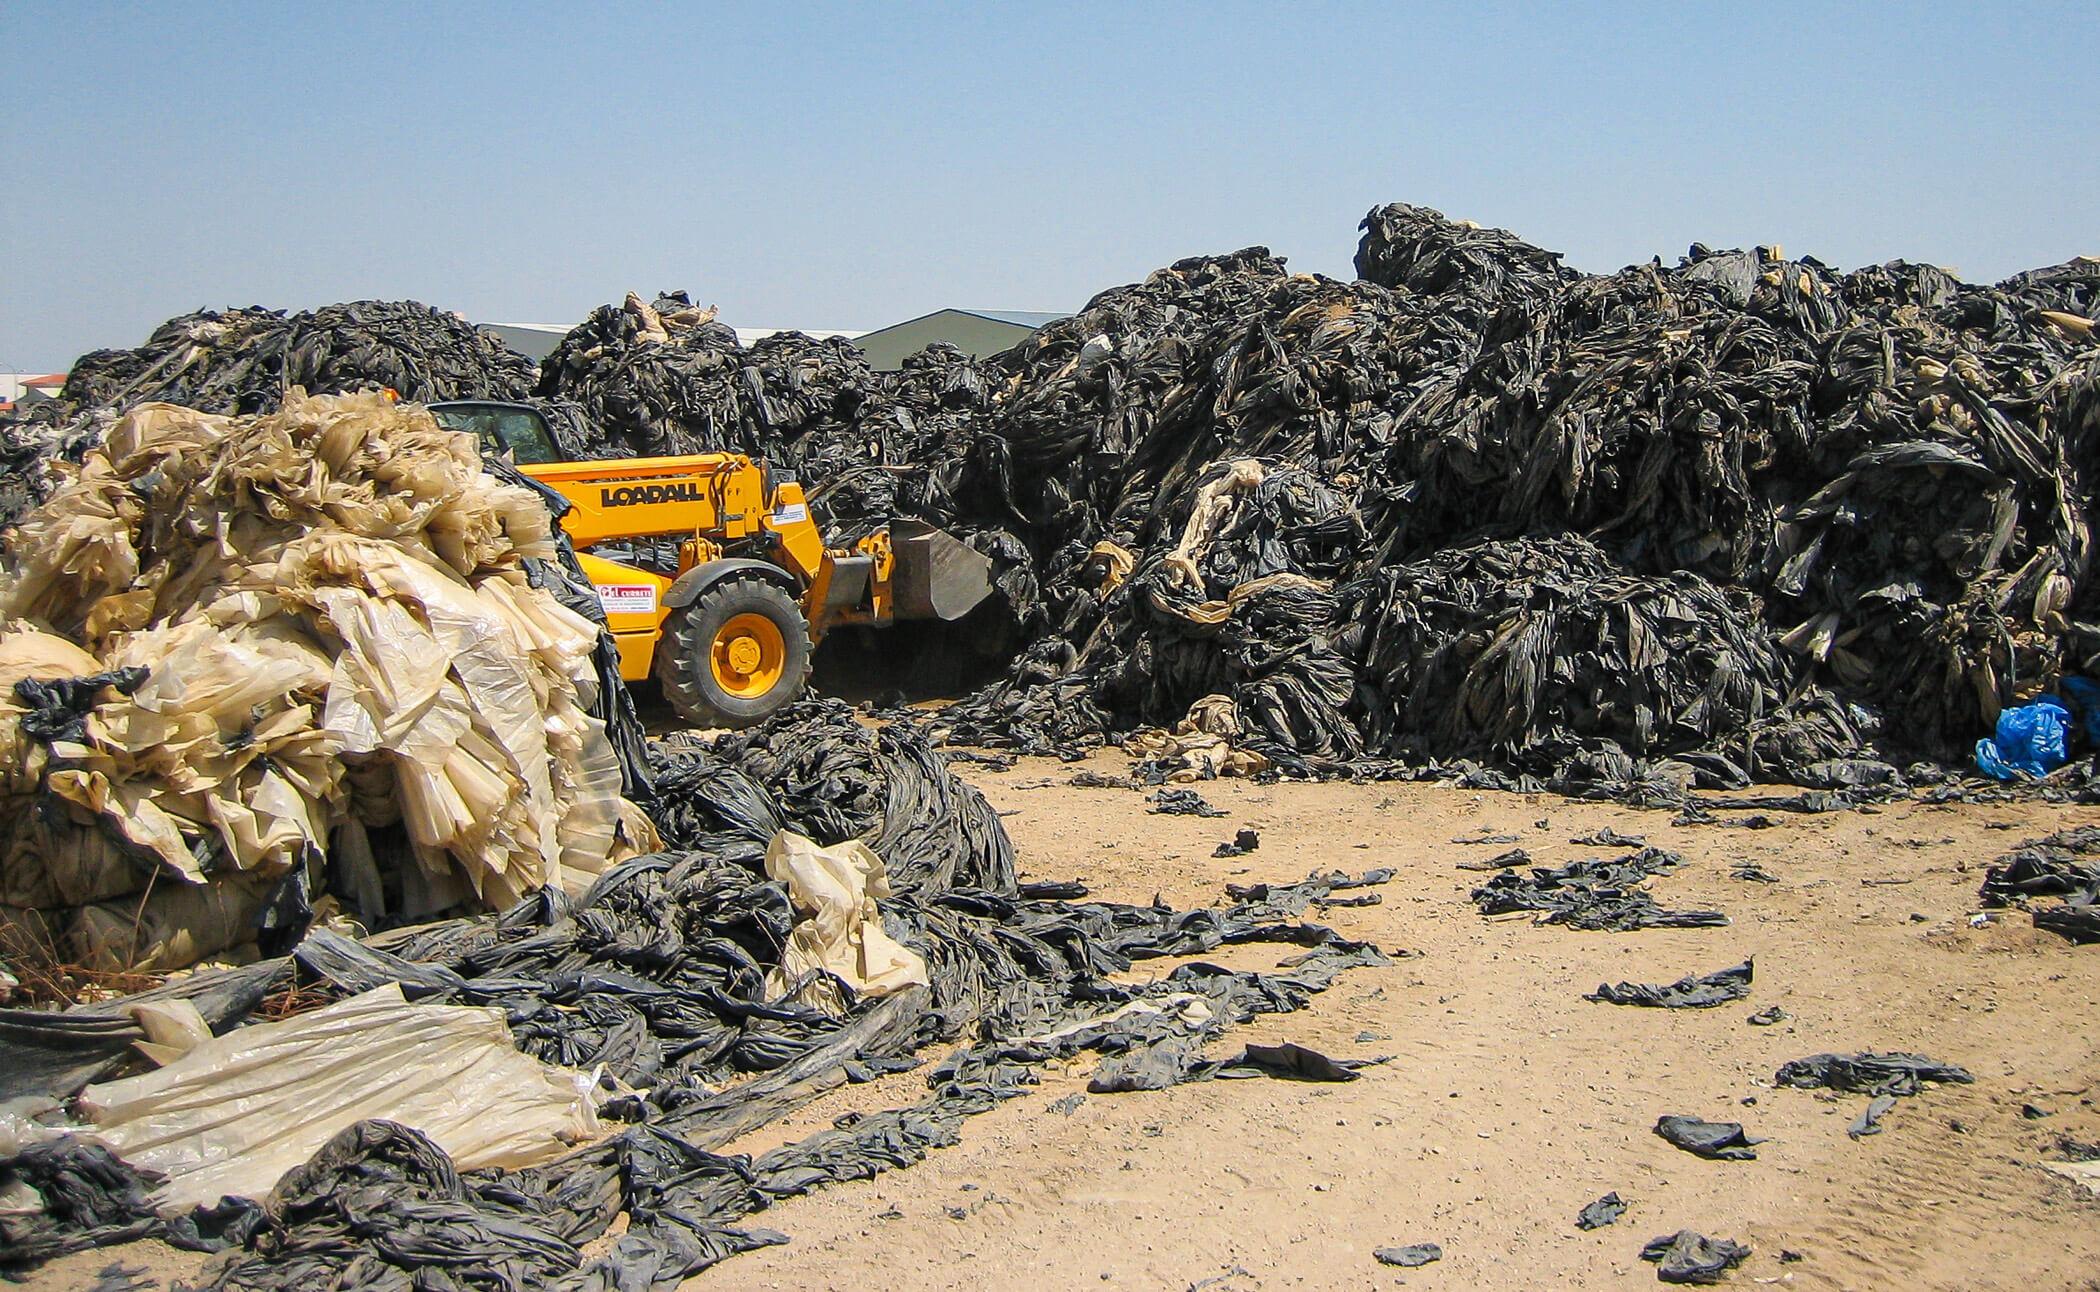 Landwirtschaftsfolie wird gesammelt, getrennt und anschließend mit WEIMA Shredder recycelt